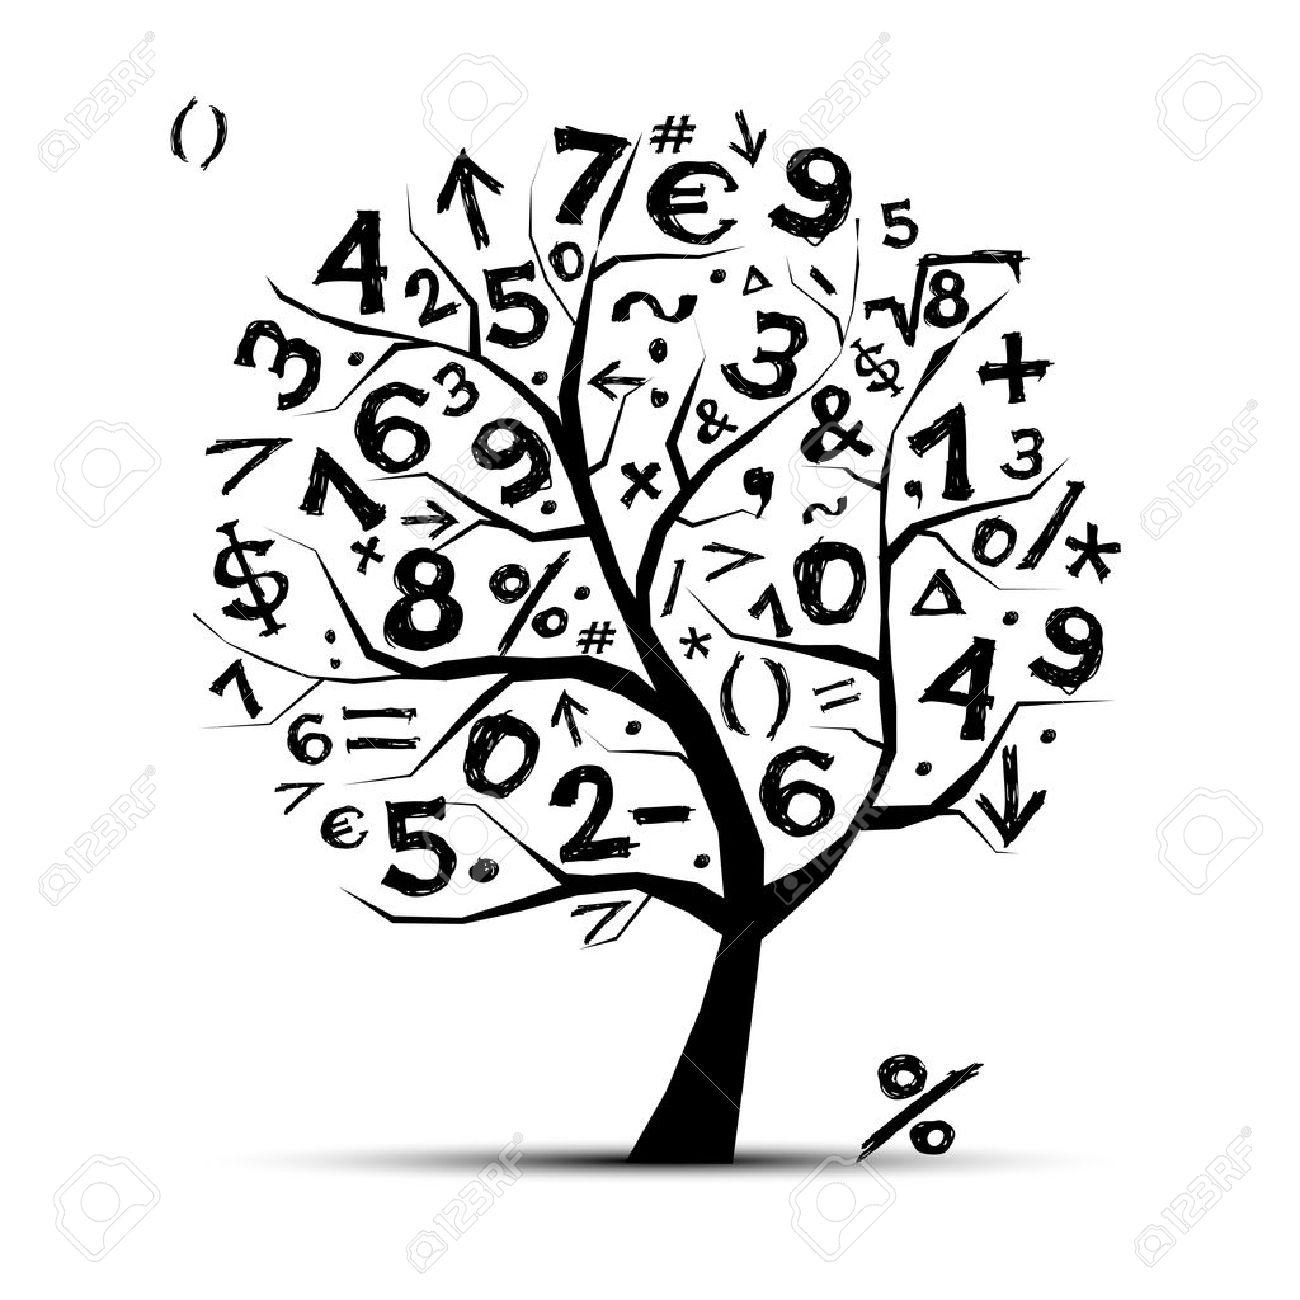 Résultats de recherche d'images pour «arbre des mathématique»